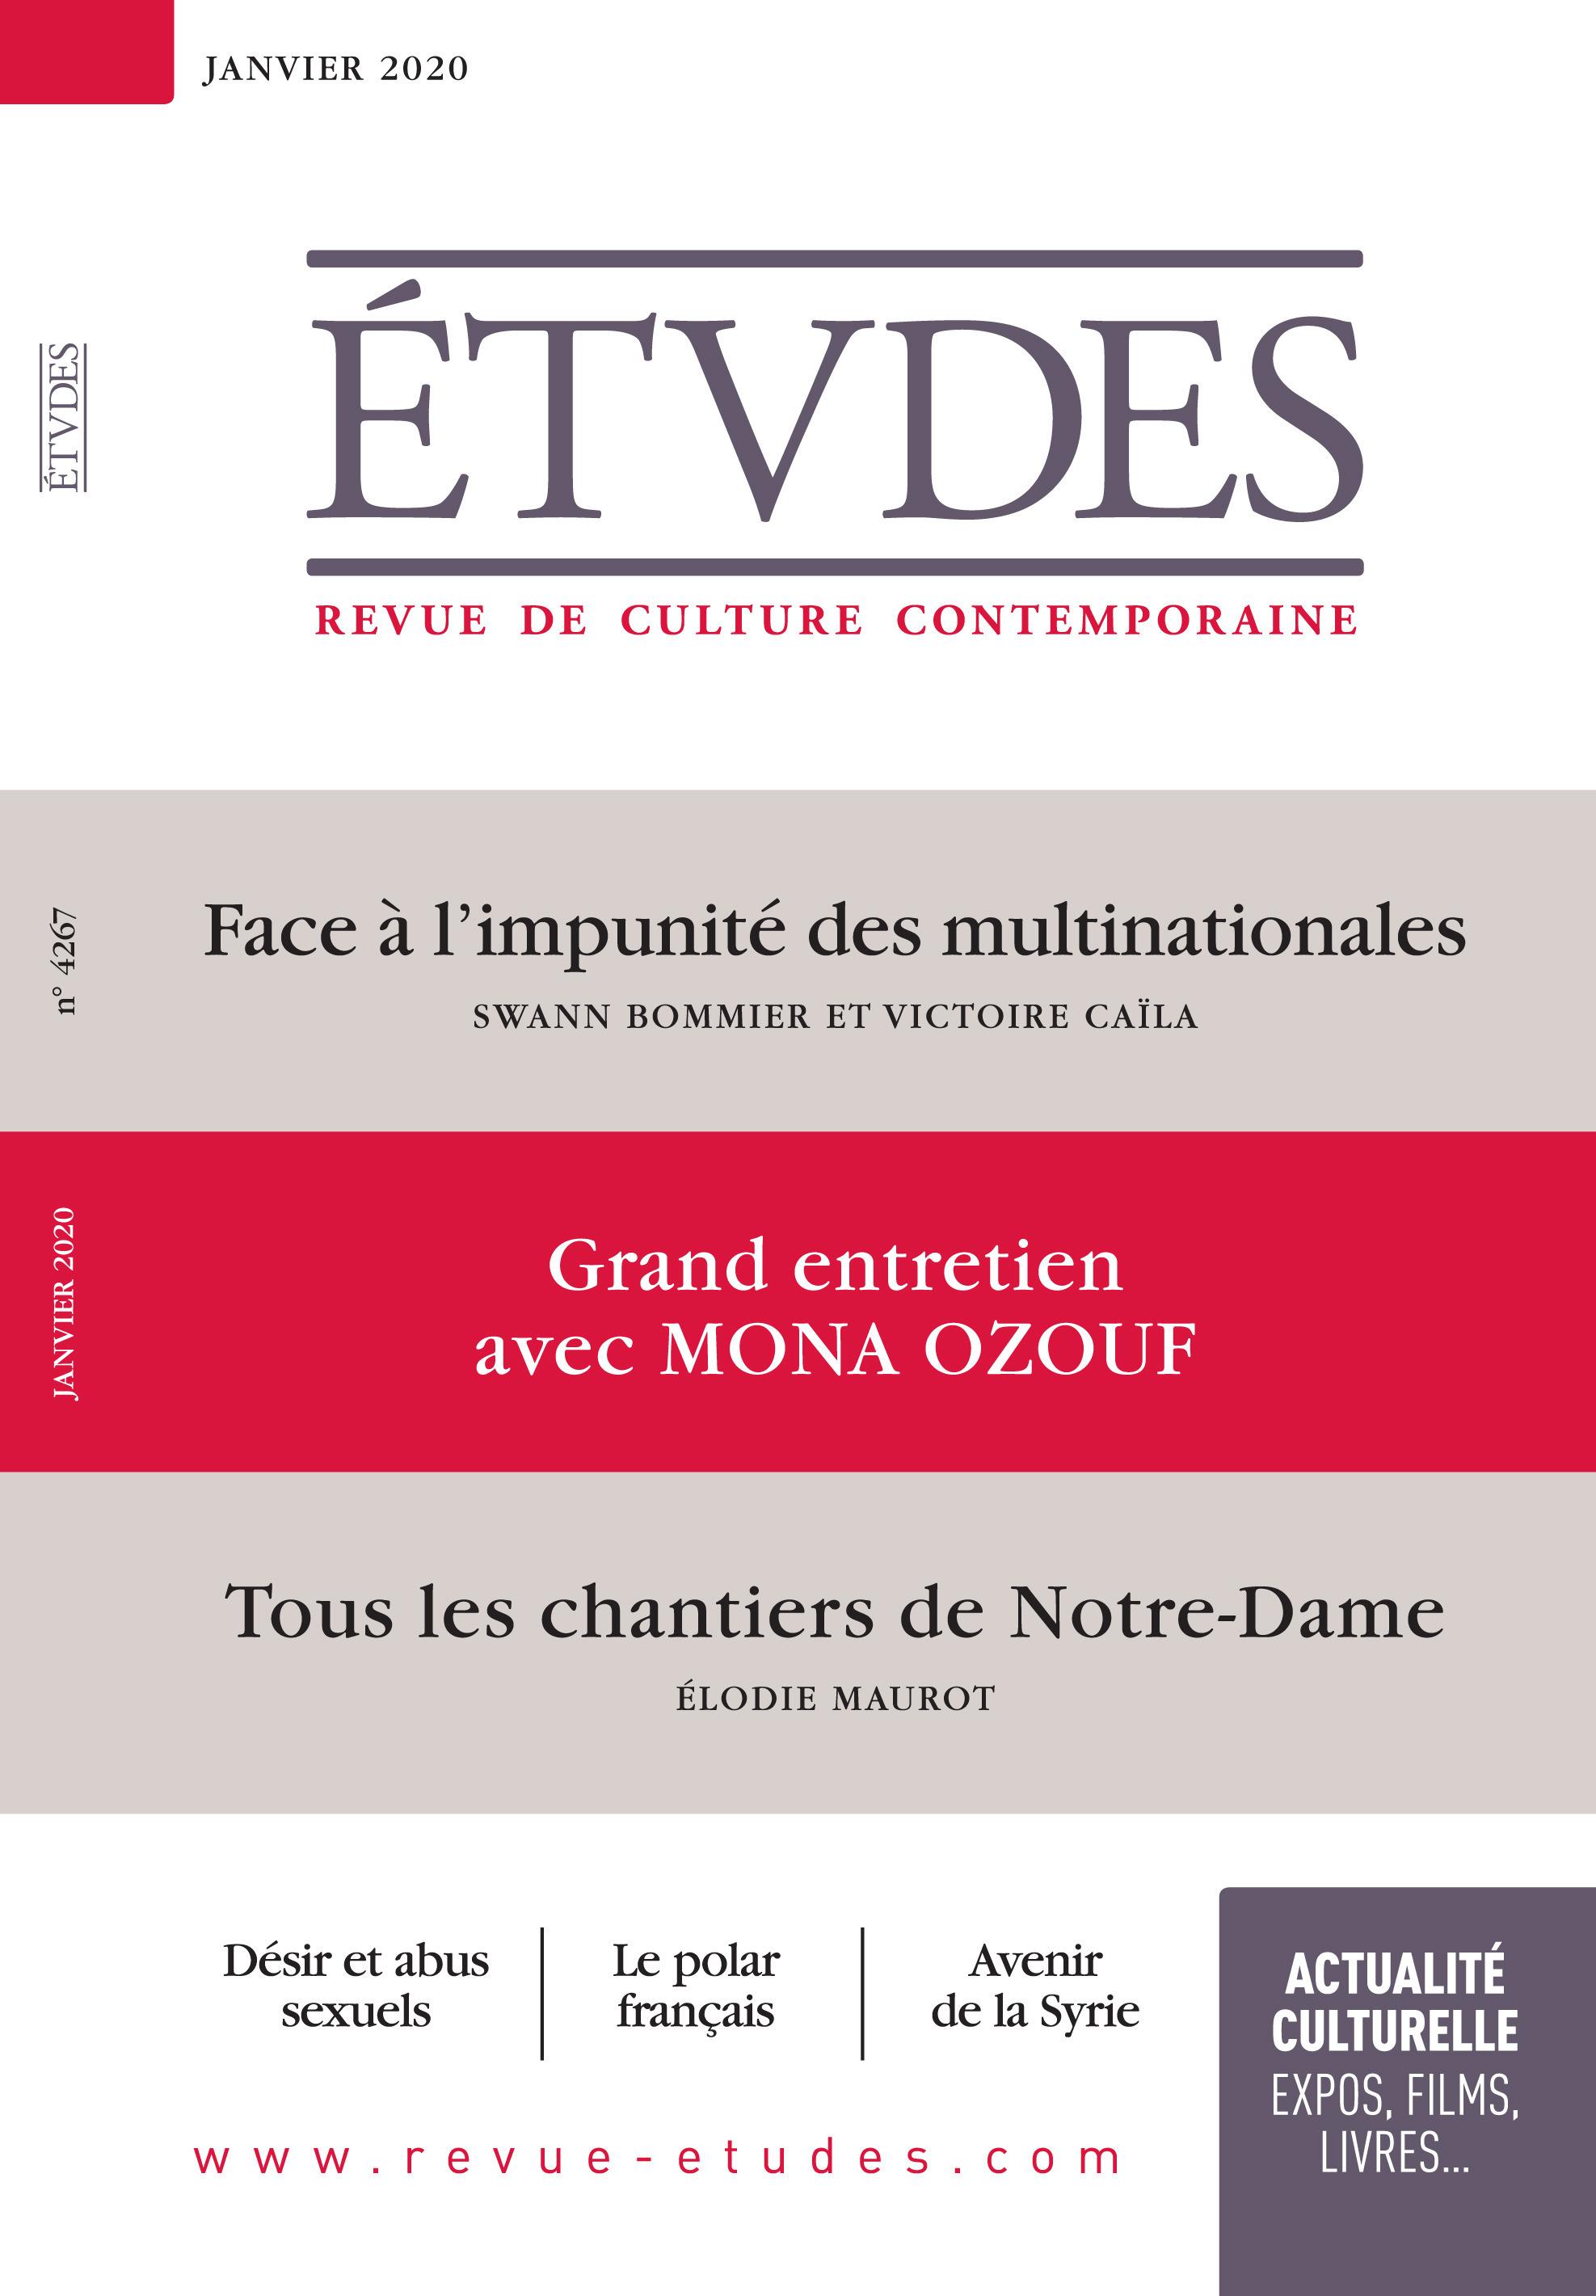 Revue études N.4267 ; janvier 2020 ; face à l'impunité des multinationales ; grand entretien avec Mona Ozouf ; tous les chantiers de Notre-Dame